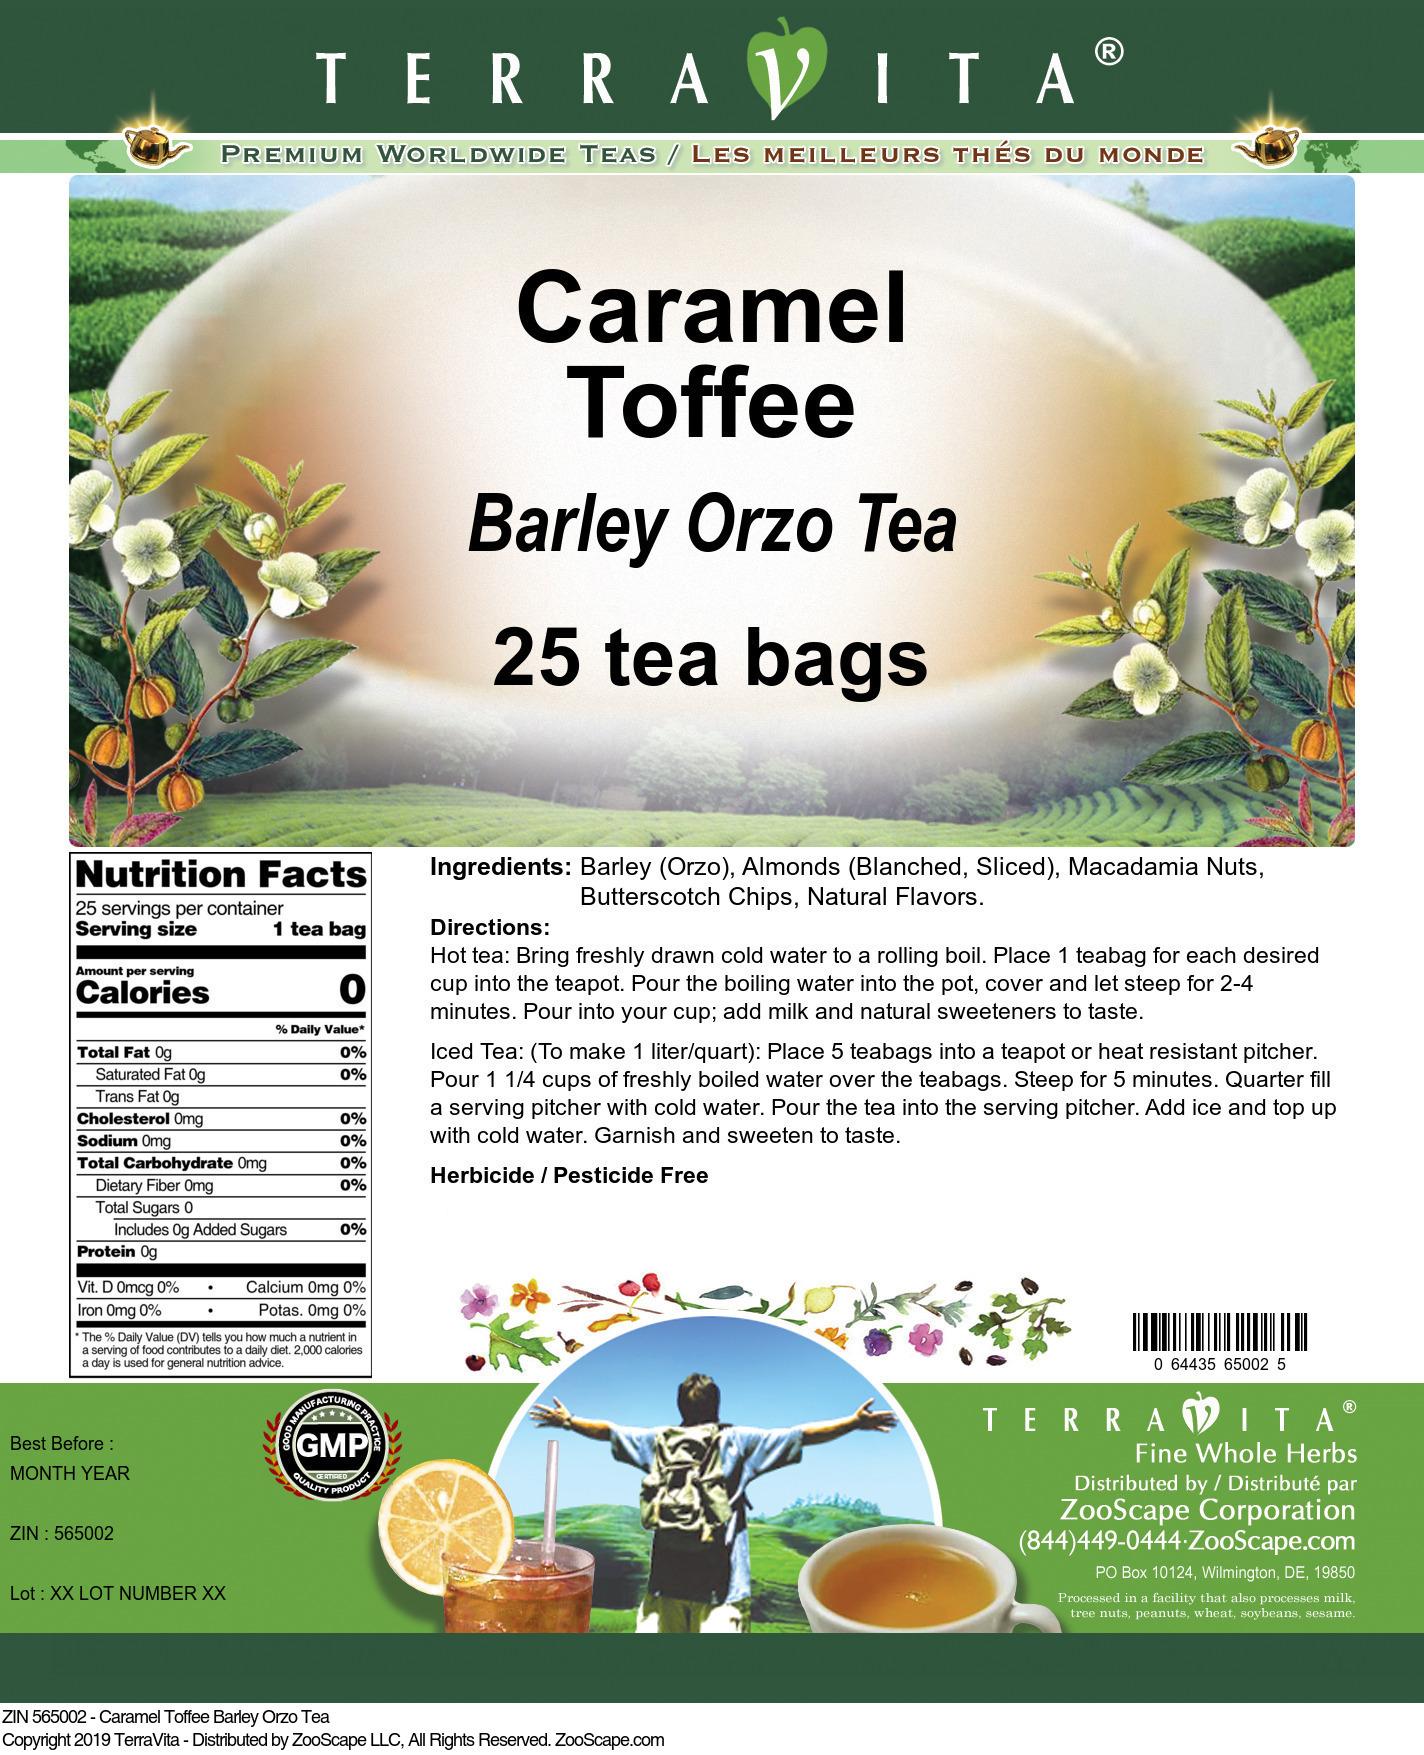 Caramel Toffee Barley Orzo Tea